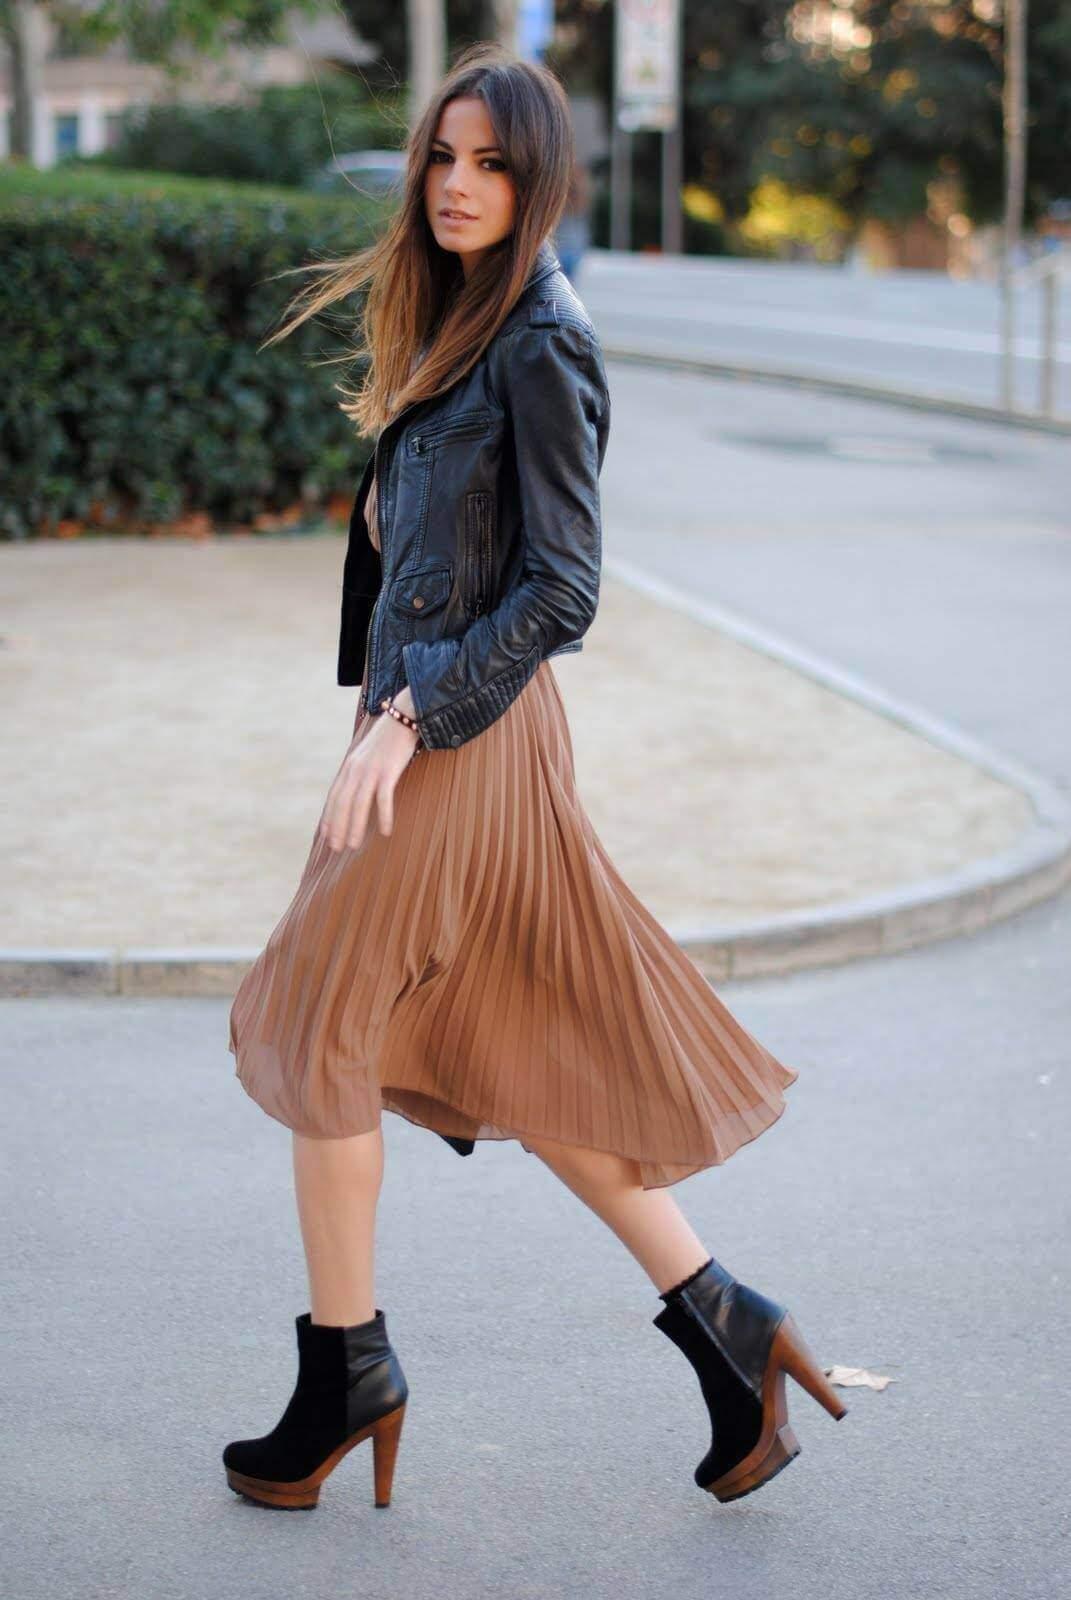 бежевая юбка плиссе с кожаной курткой